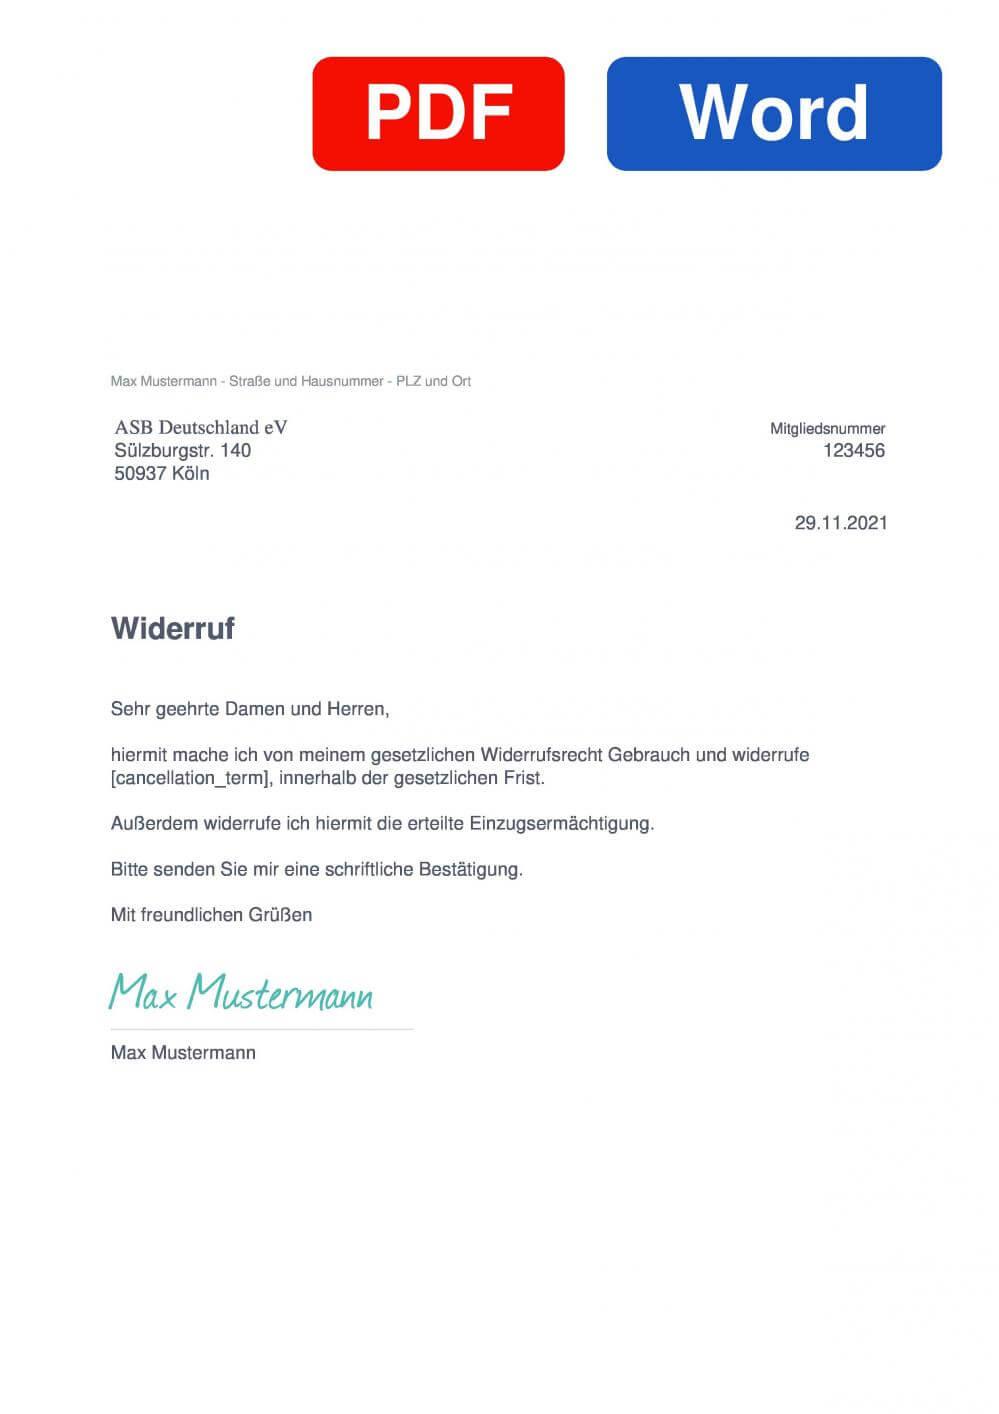 ASB: Arbeiter Samariter Bund Deutschland eV Muster Vorlage für Wiederrufsschreiben